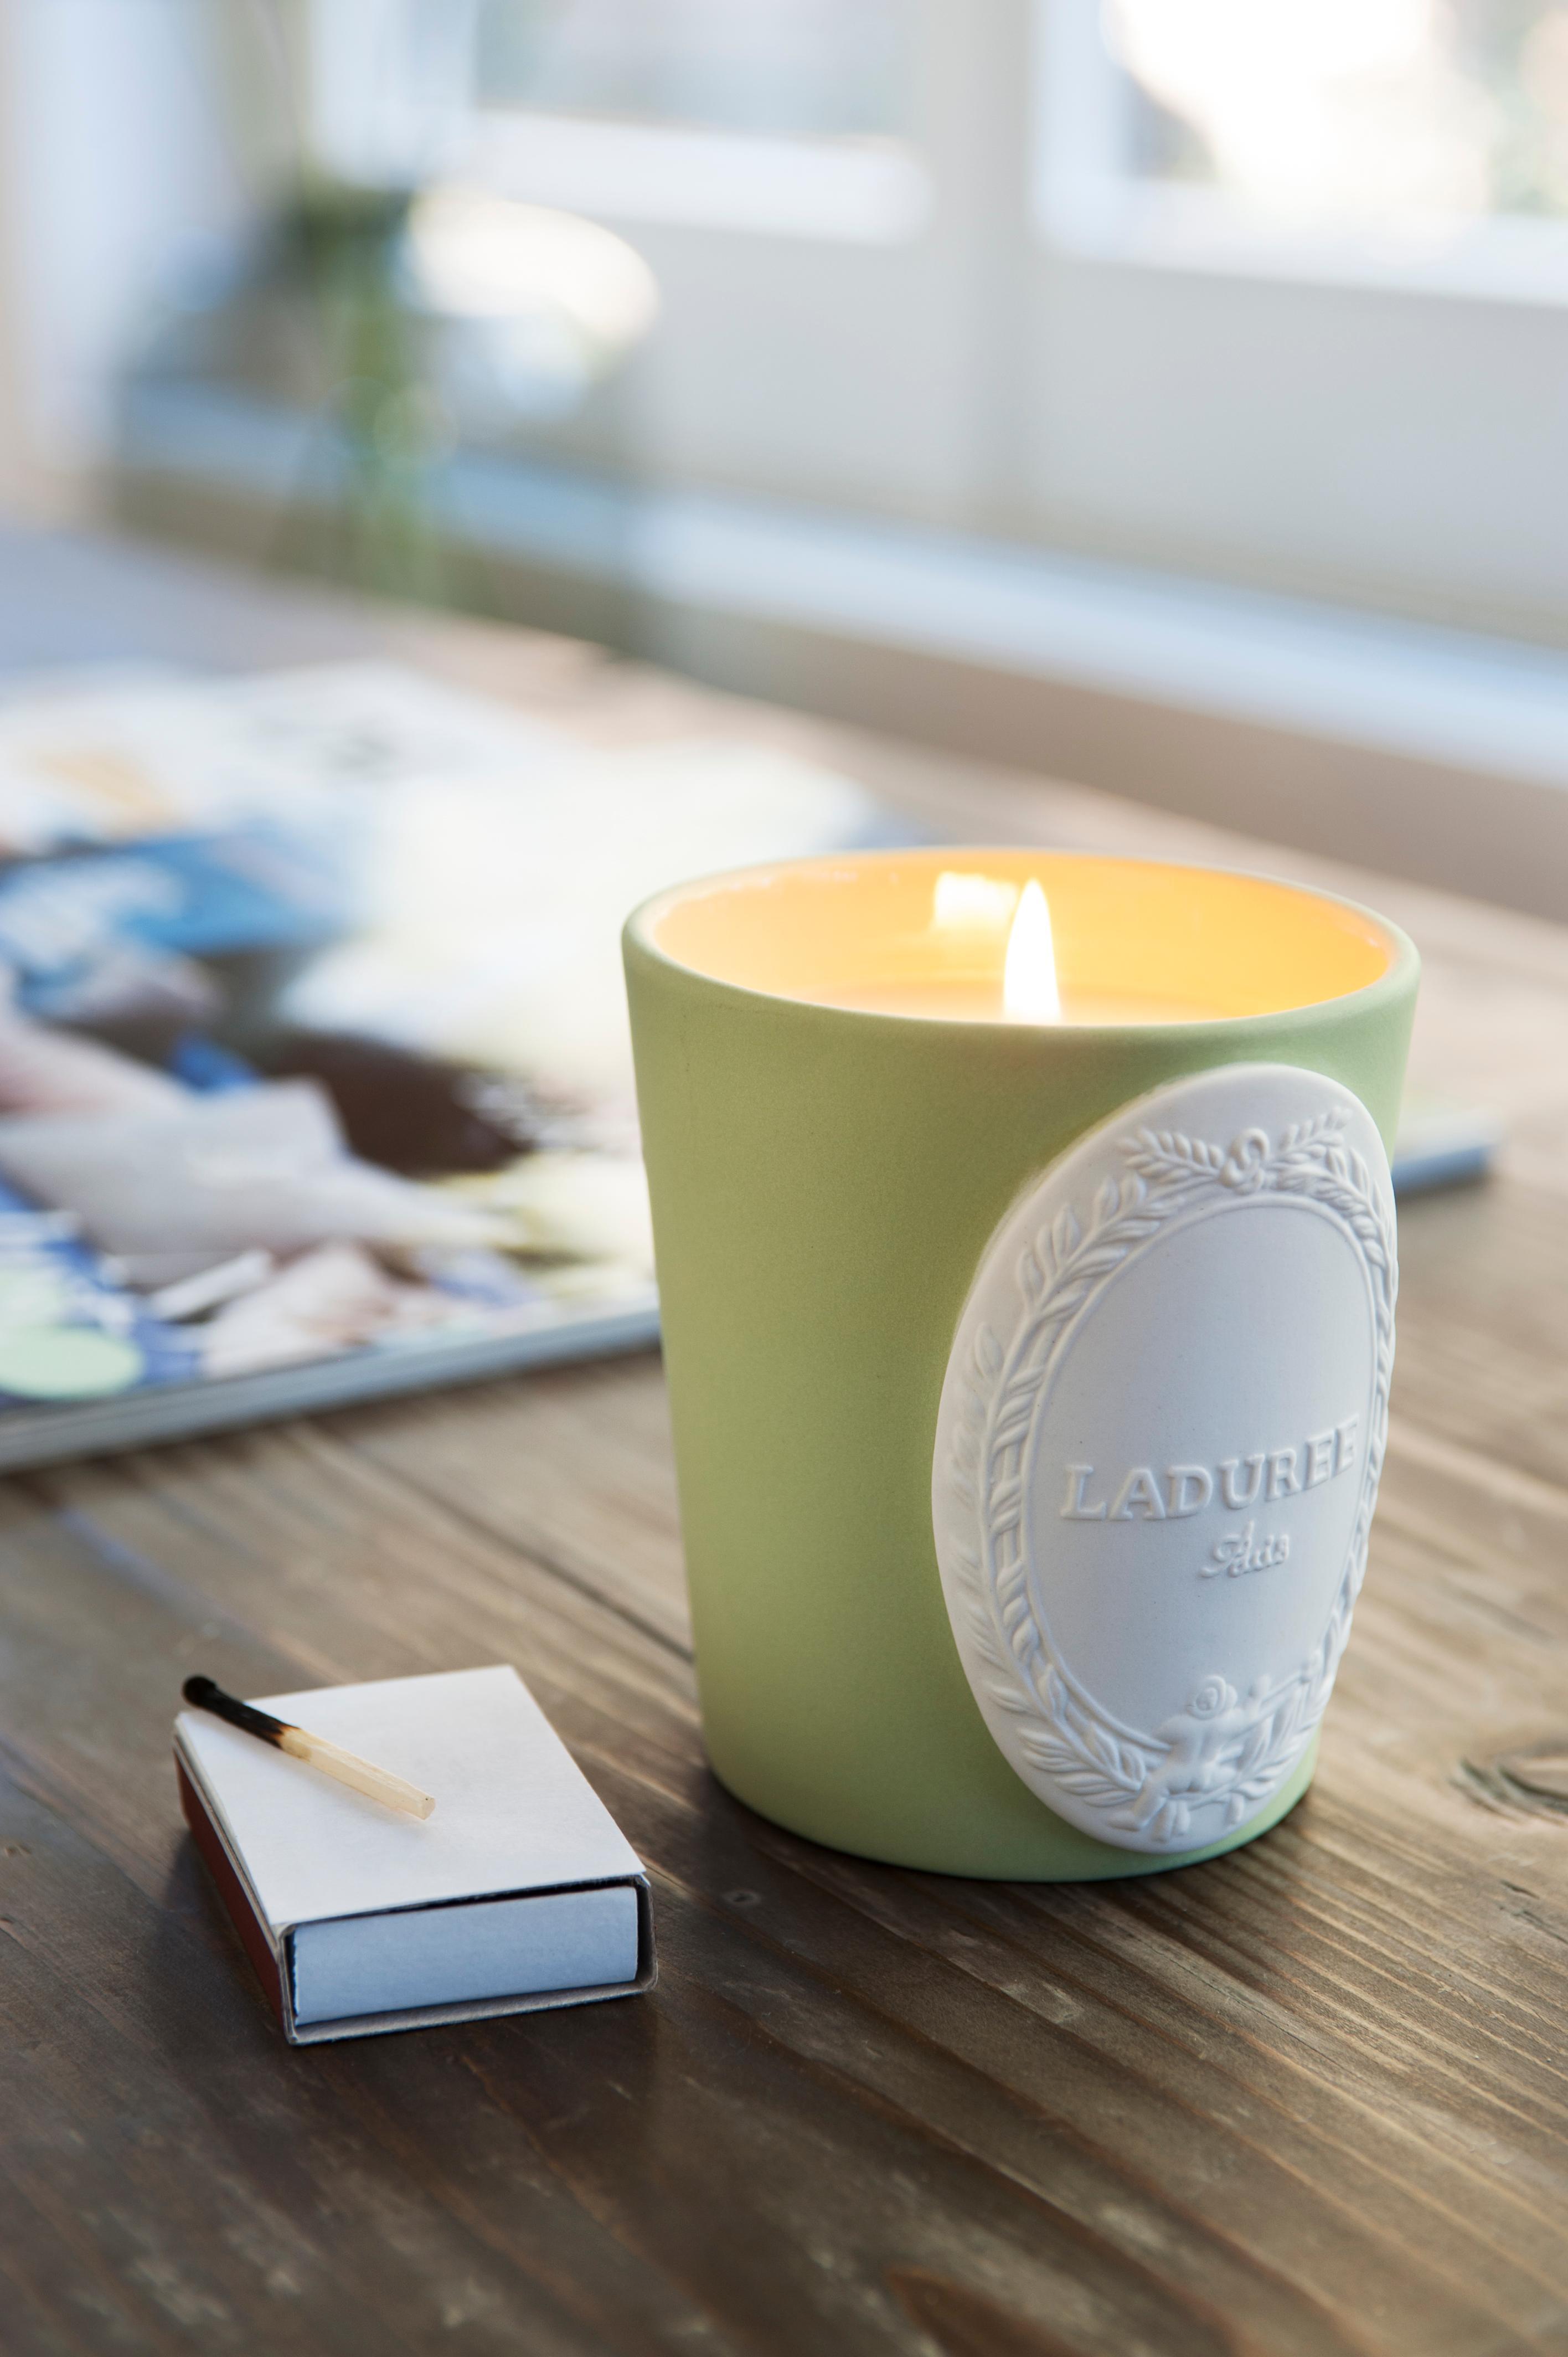 Świeca zapachowa i pudełko zapałek na drewnianym stole